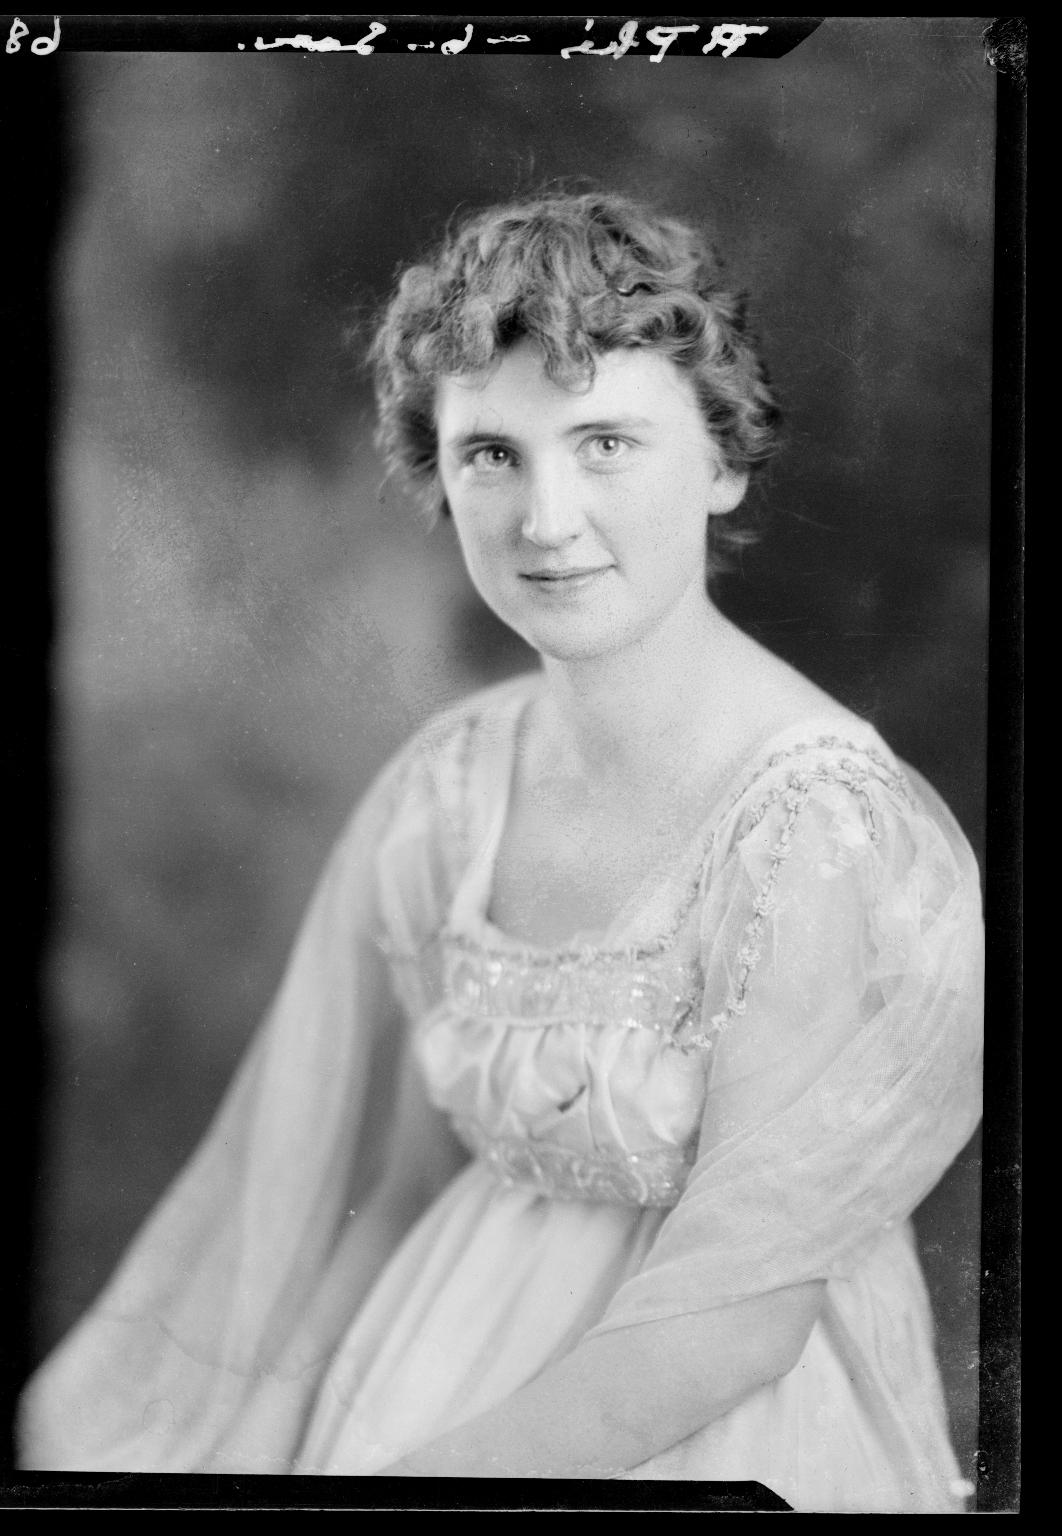 Portraits of Anna Coghean